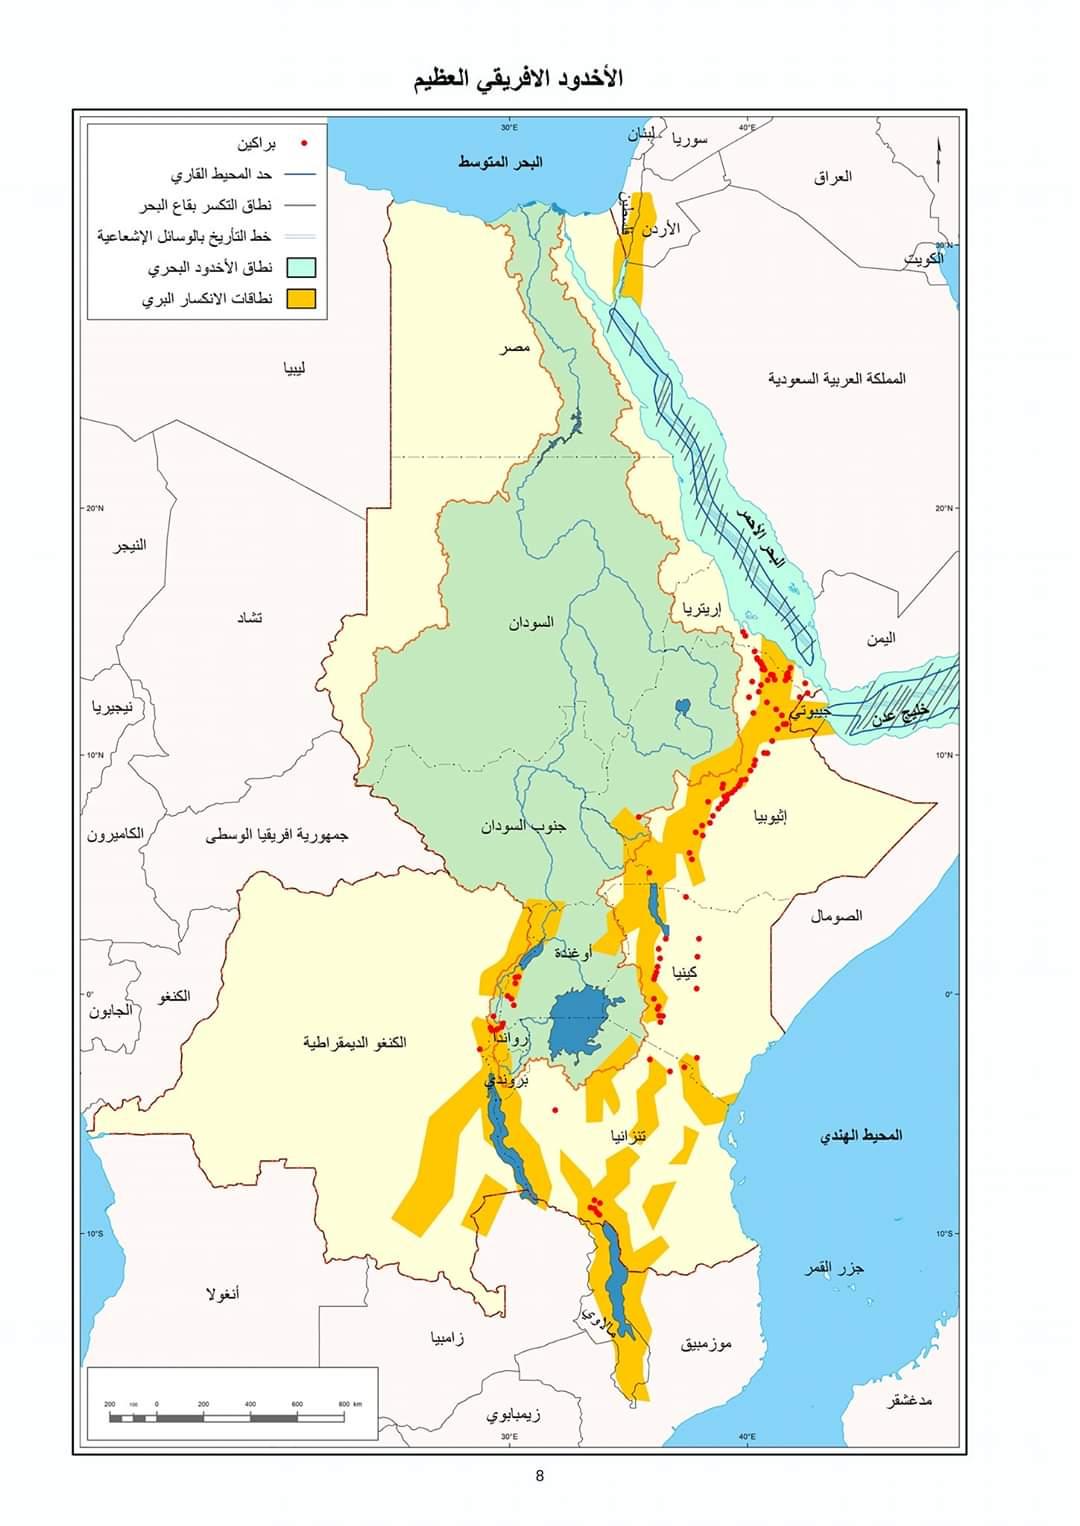 أطلس دول حوض نهر النيل أكثر من ٥٠ خريطة بدقة عالية